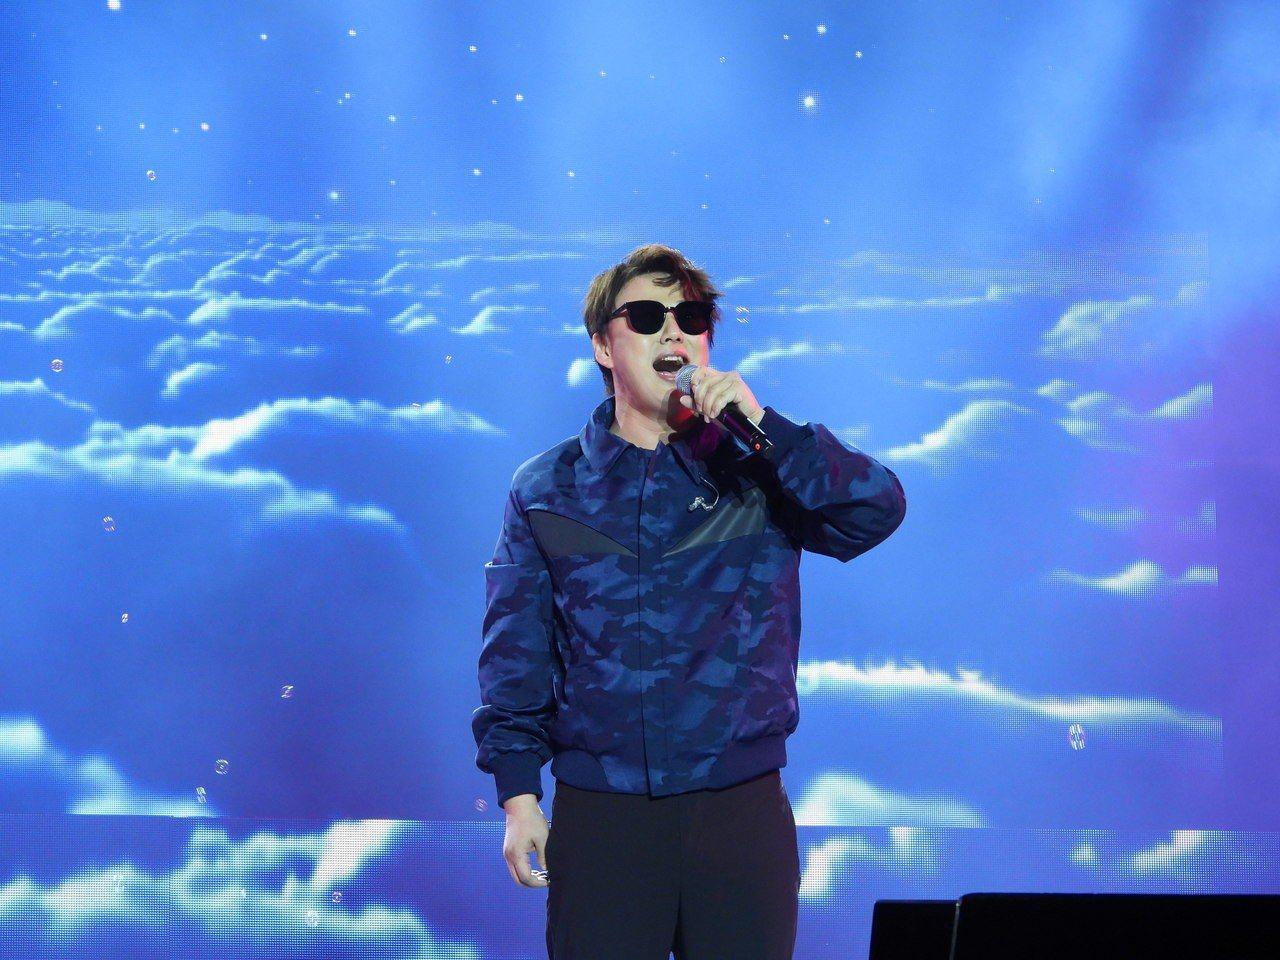 歌手蕭煌奇演唱經典老歌「你是我的眼」時,幾乎台下觀眾全程跟著唱,現場氣氛頓時達到...